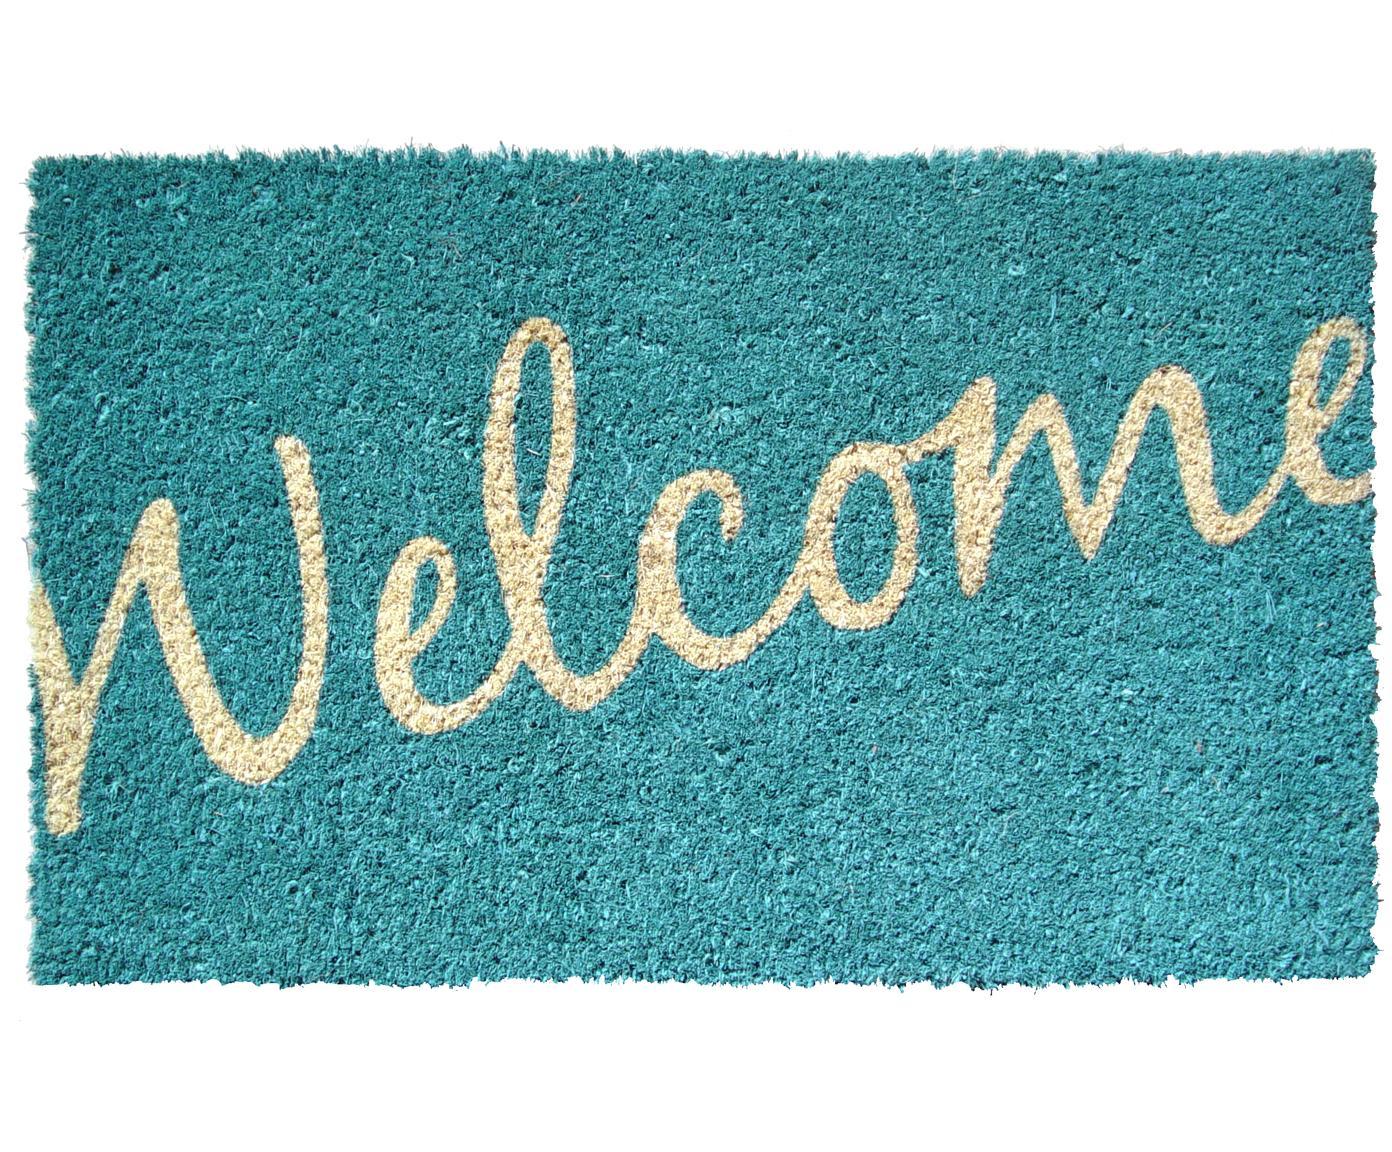 Wycieraczka Welcome, Intensywny turkusowy, beżowy, S 40 x D 60 cm